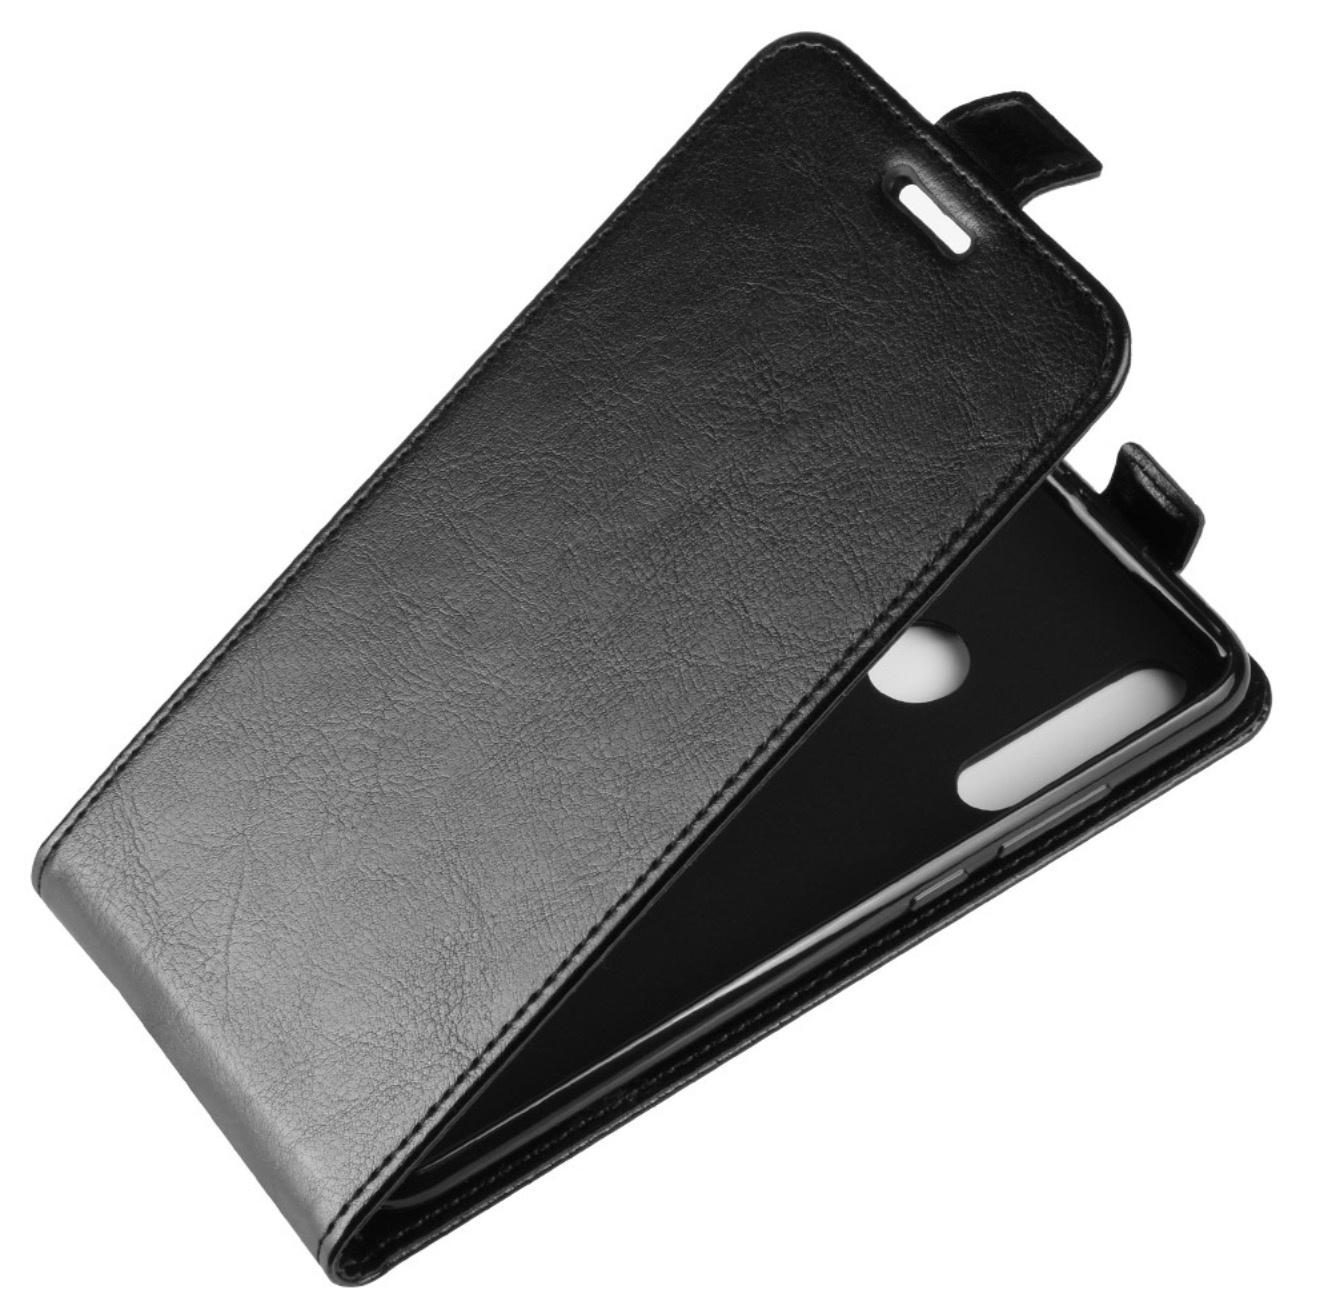 Чехол-флип MyPads для Lenovo Vibe Z2 Pro K920 LTE вертикальный откидной черный